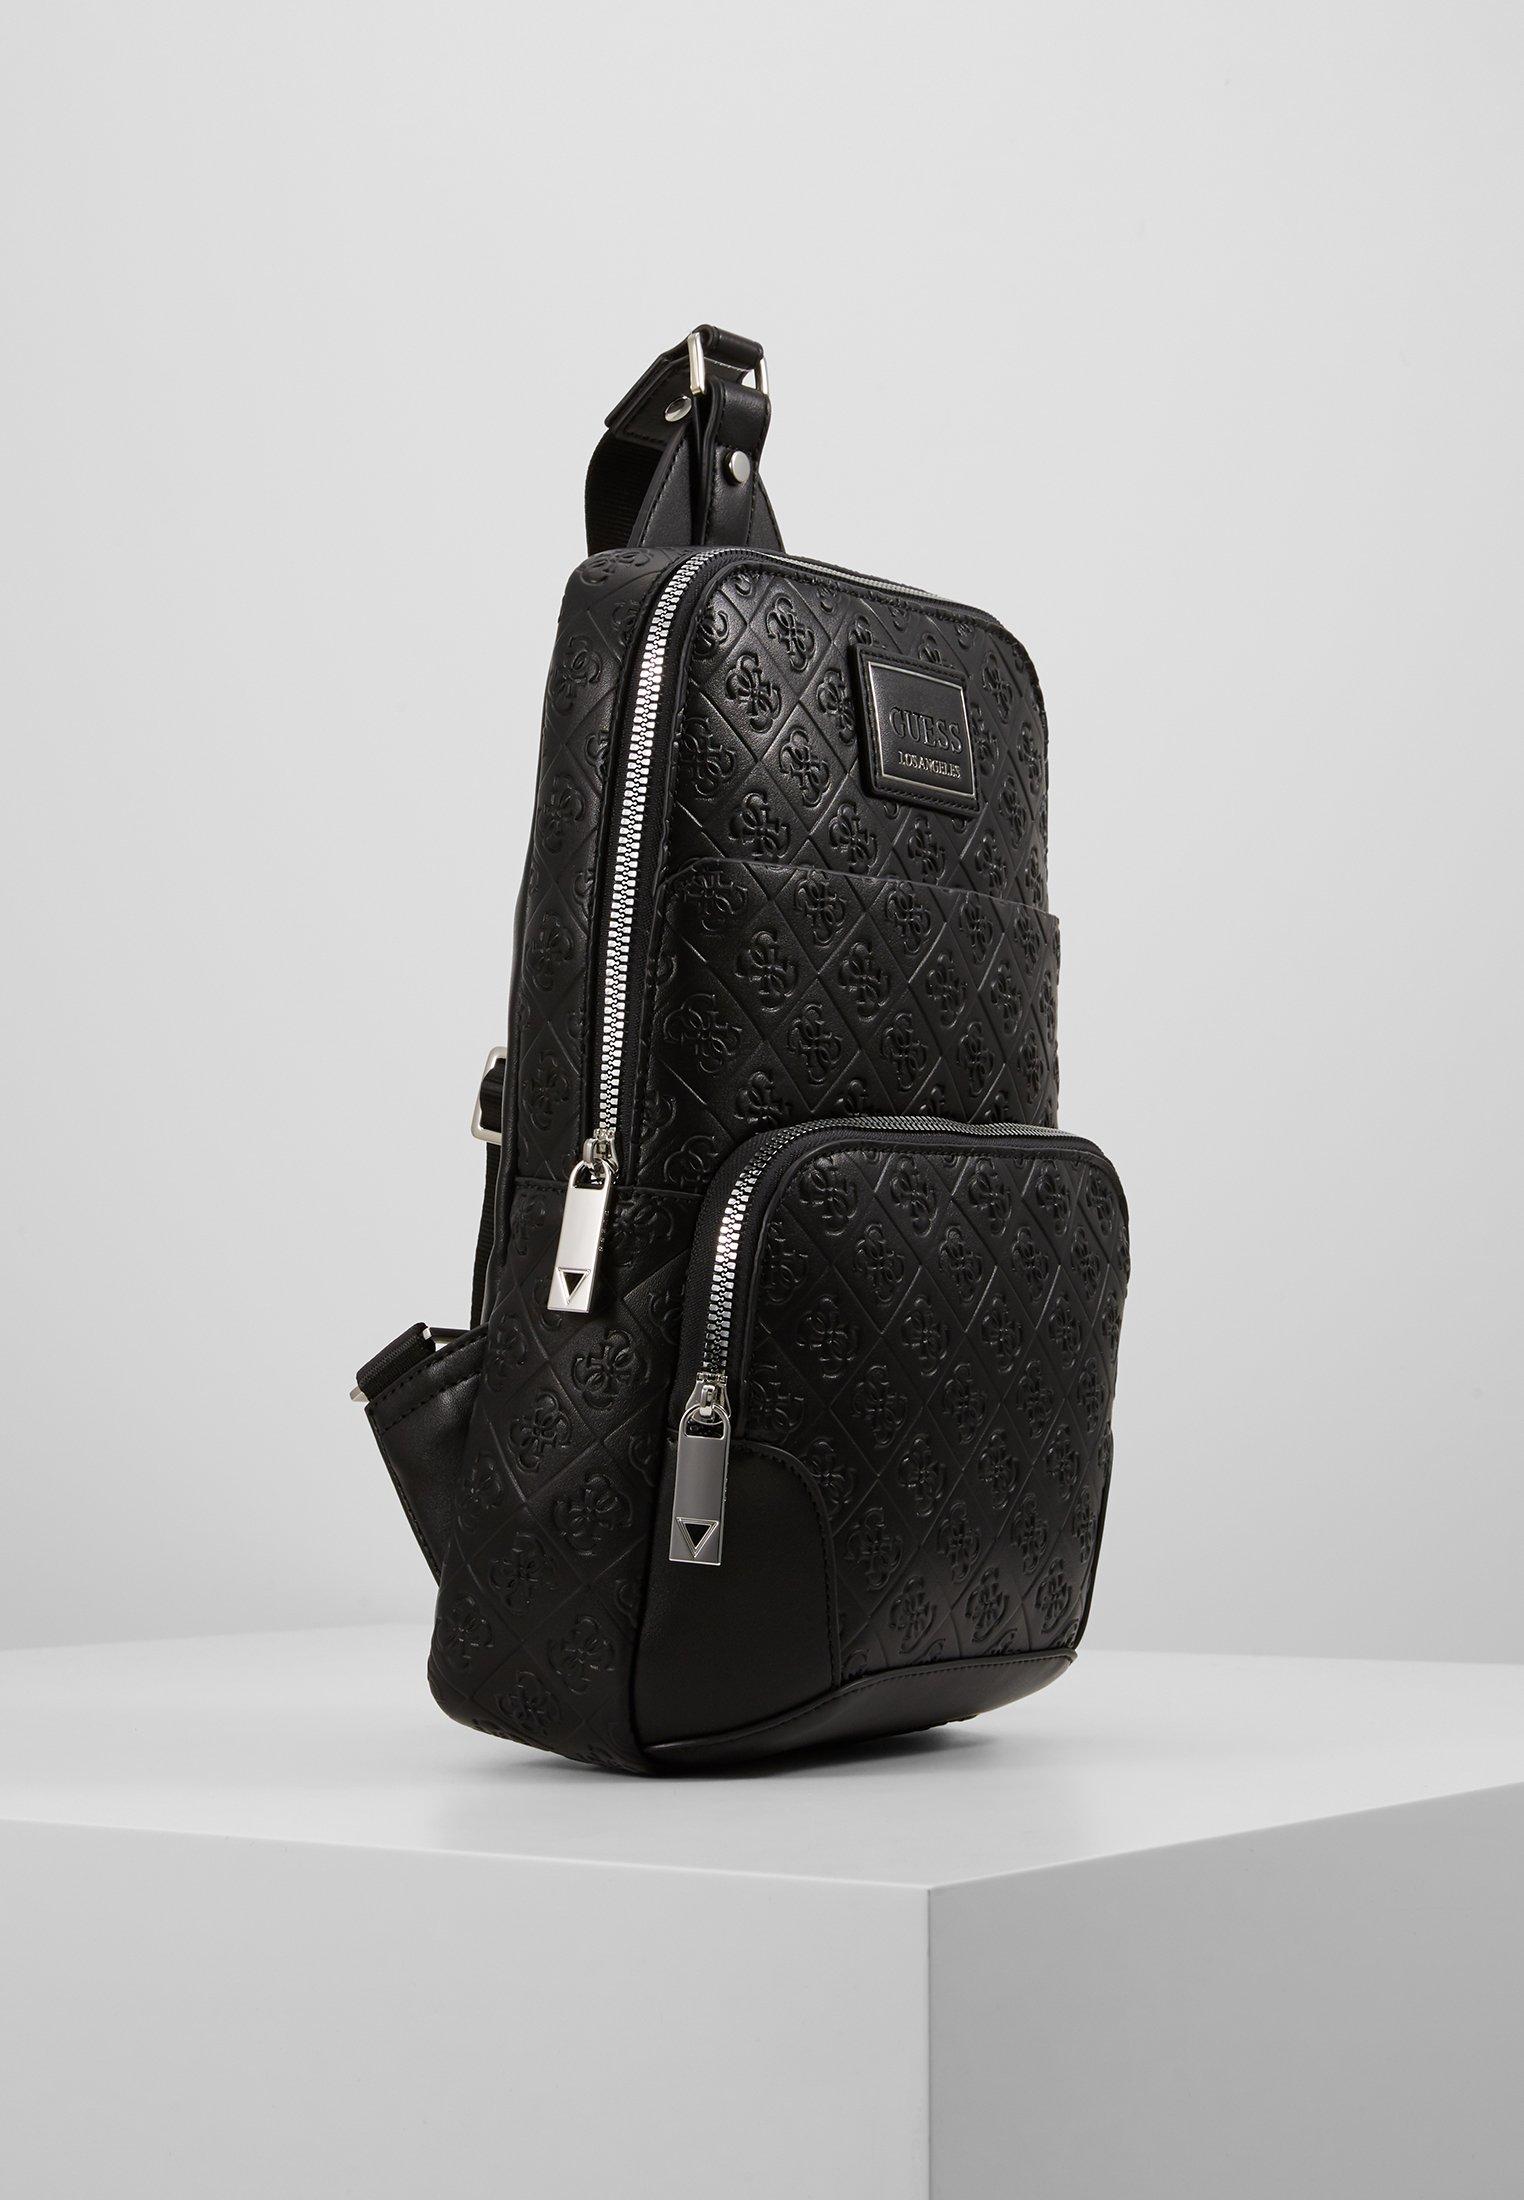 Guess DAN LOGO CROSSOVER BACKPACK - Tagesrucksack - black/schwarz - Herrentaschen 83KSE